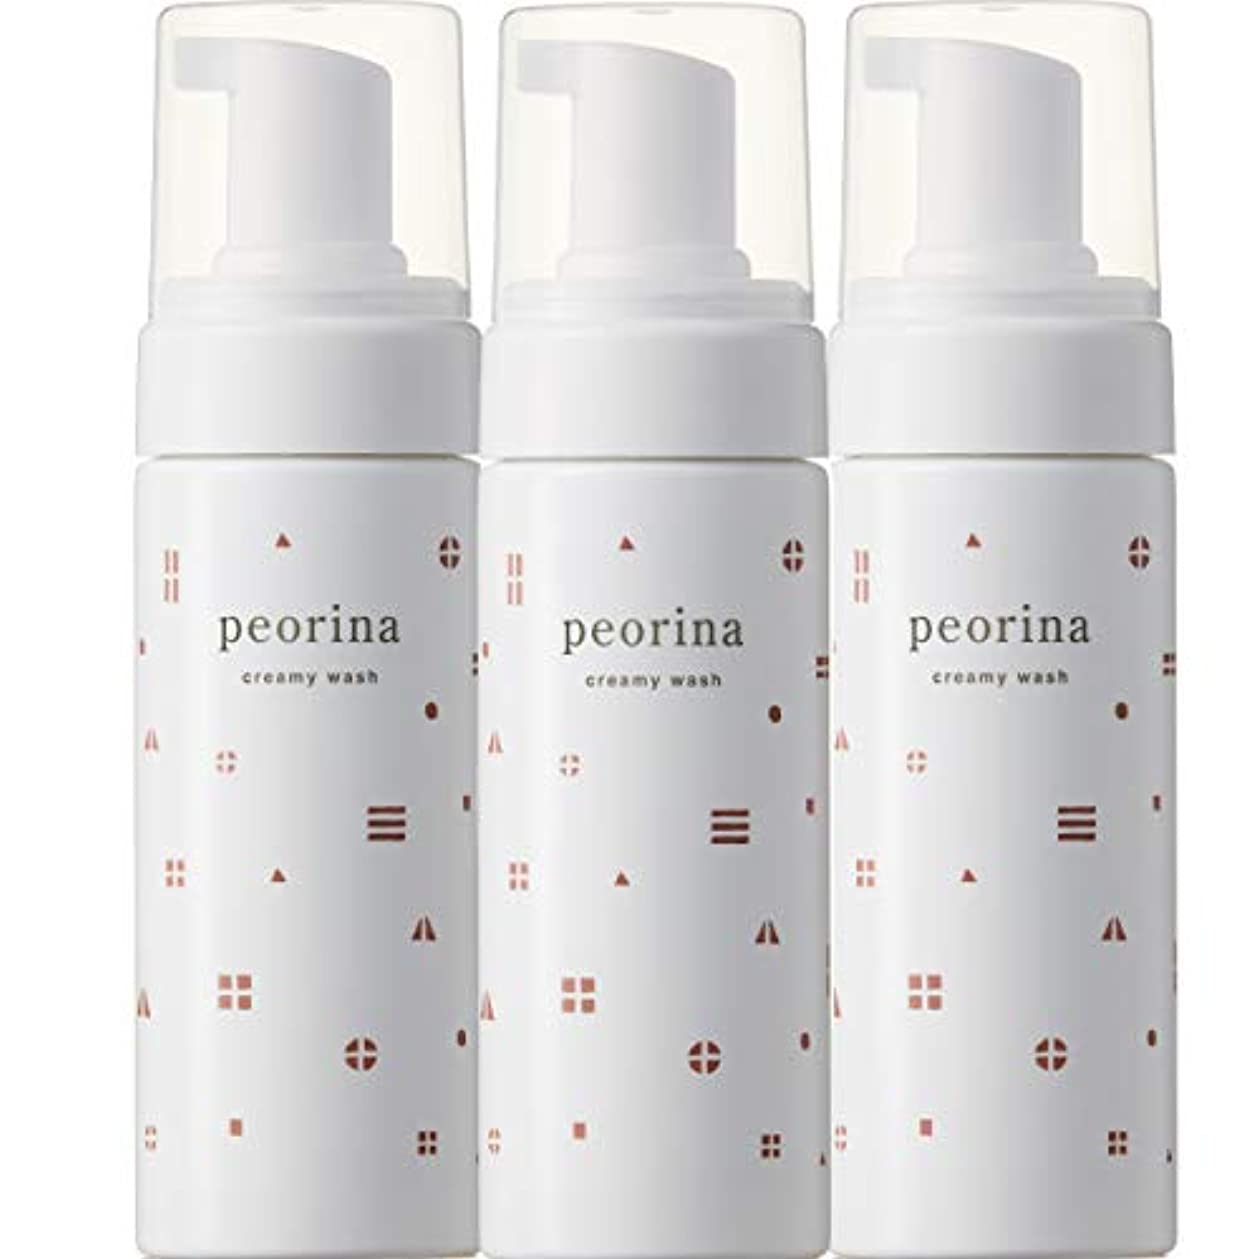 チャペルトレイルいくつかのピオリナ クリーミーウォッシュ 3個セット 泡洗顔料 スキンケア 美肌 高保湿 セラミド 乾燥肌 敏感肌 ニキビ 赤ら顔 ヒト型セラミド